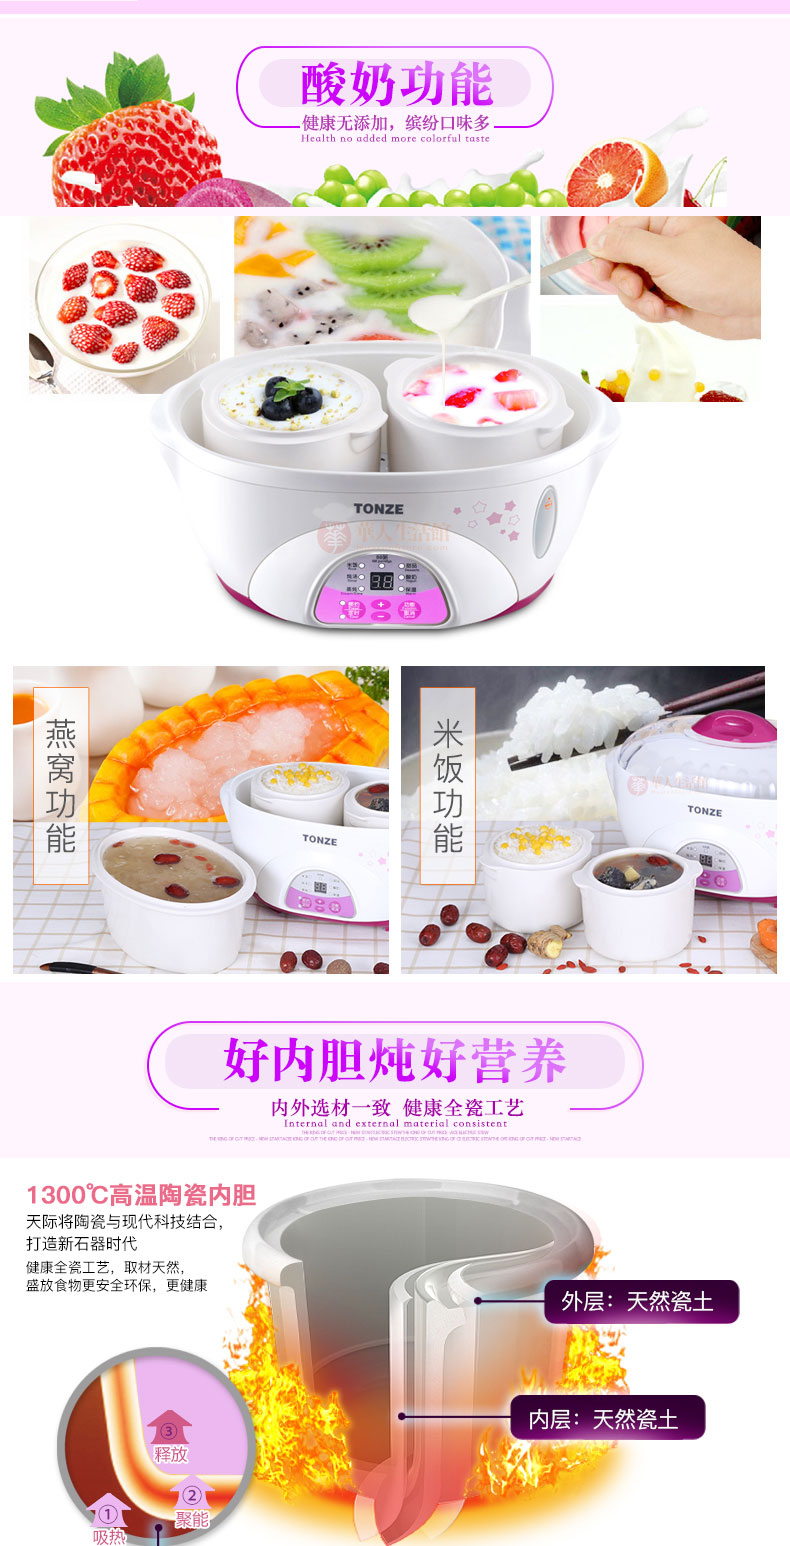 天际隔水电炖盅DDZ-16BWS 酸奶,燕窝,米饭功能